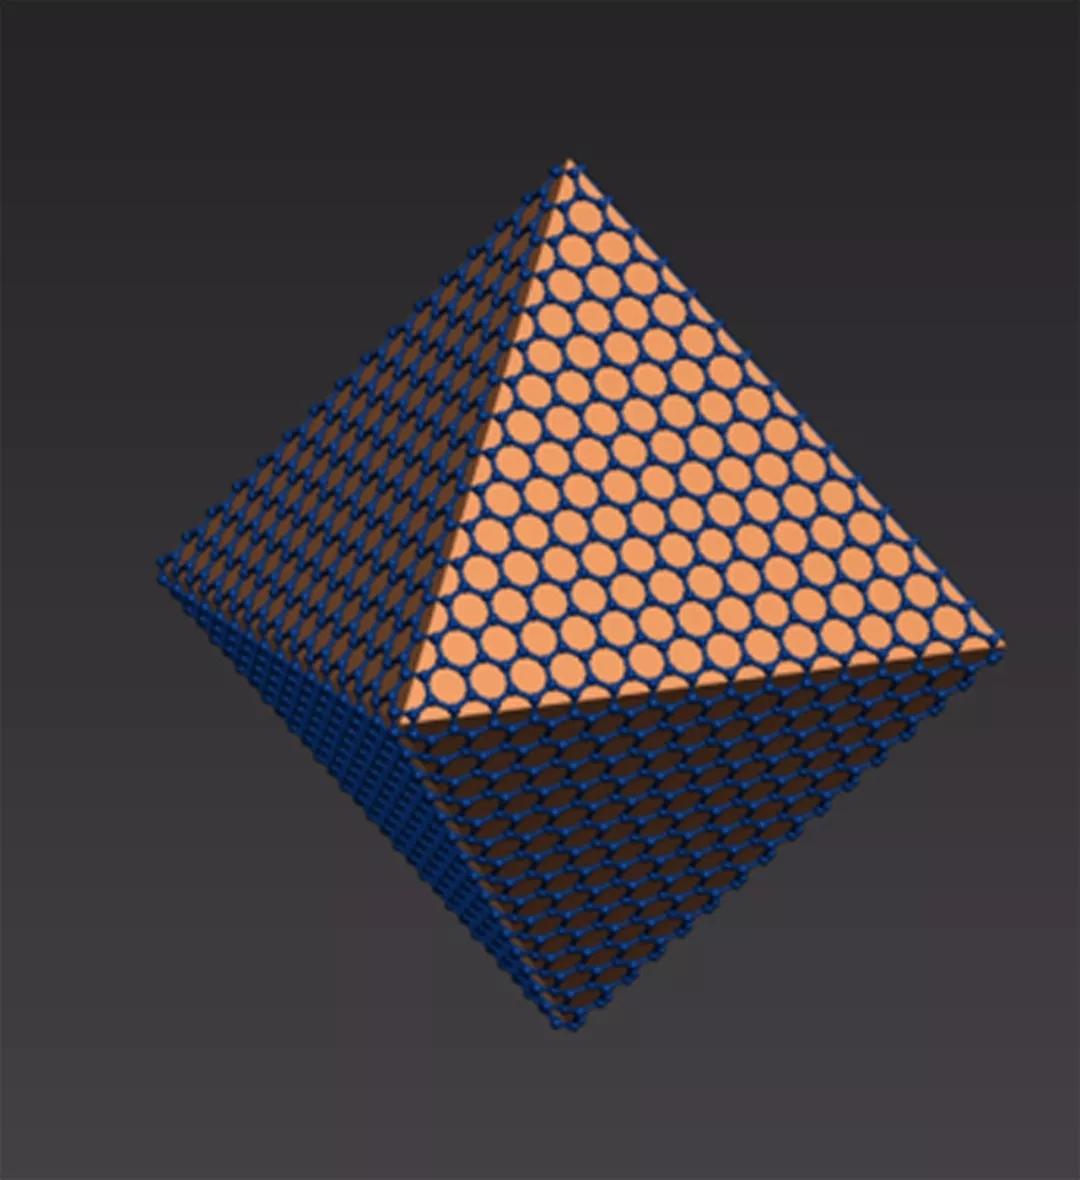 640_wx_fmt=jpeg&tp=webp&wxfrom=5&wx_lazy=1.webp (5).jpg